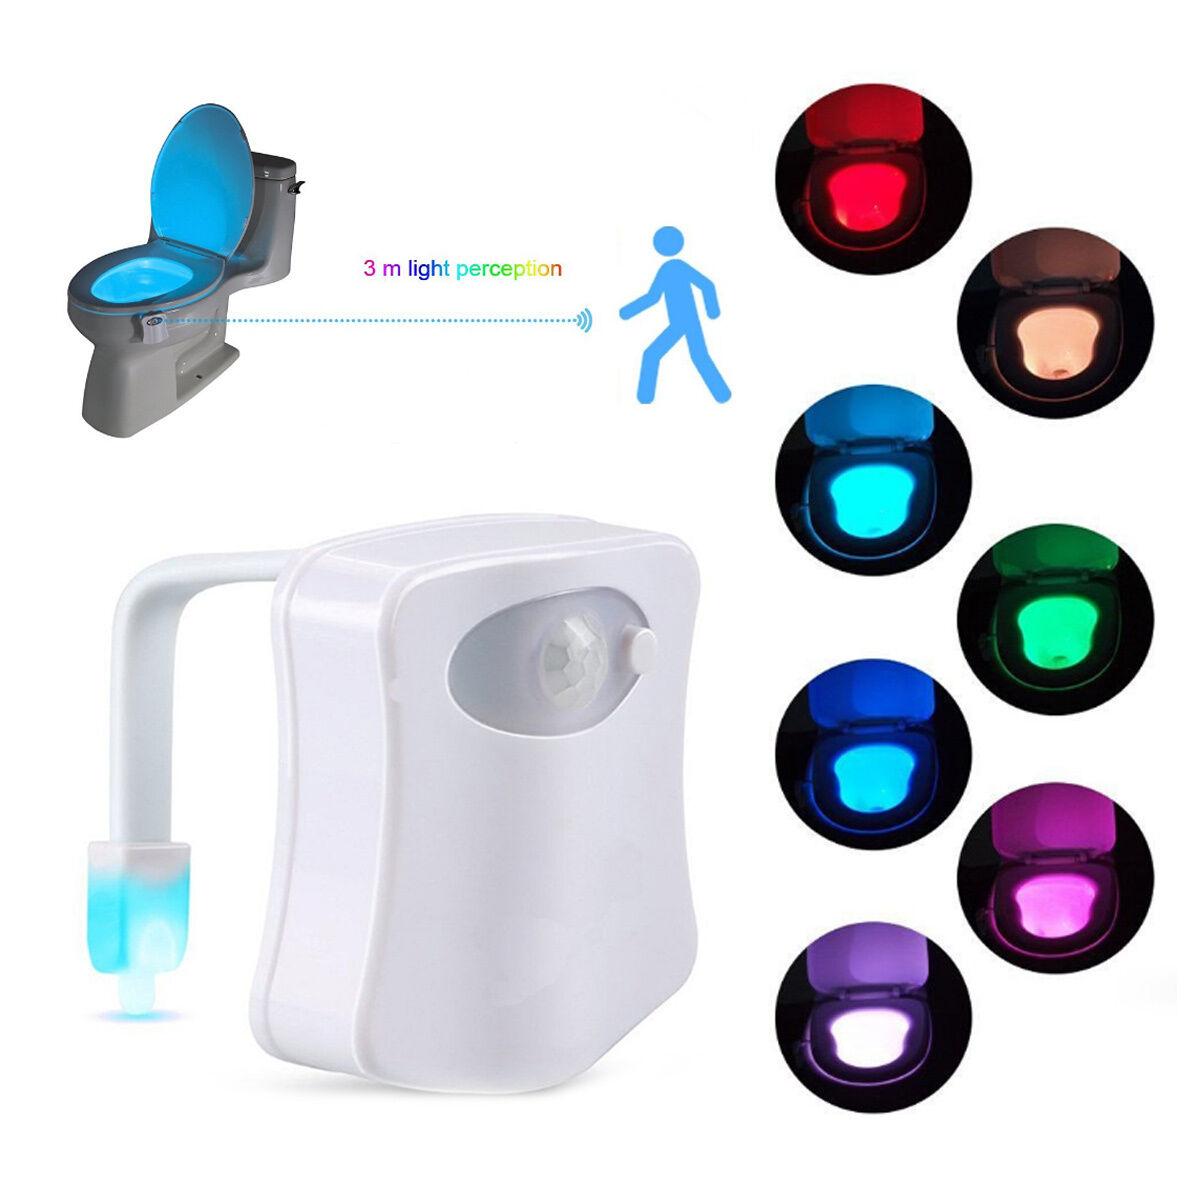 8 FARBEN LED Lampe für Toilettendeckel Toilette WC Sitz Nachtlicht ...